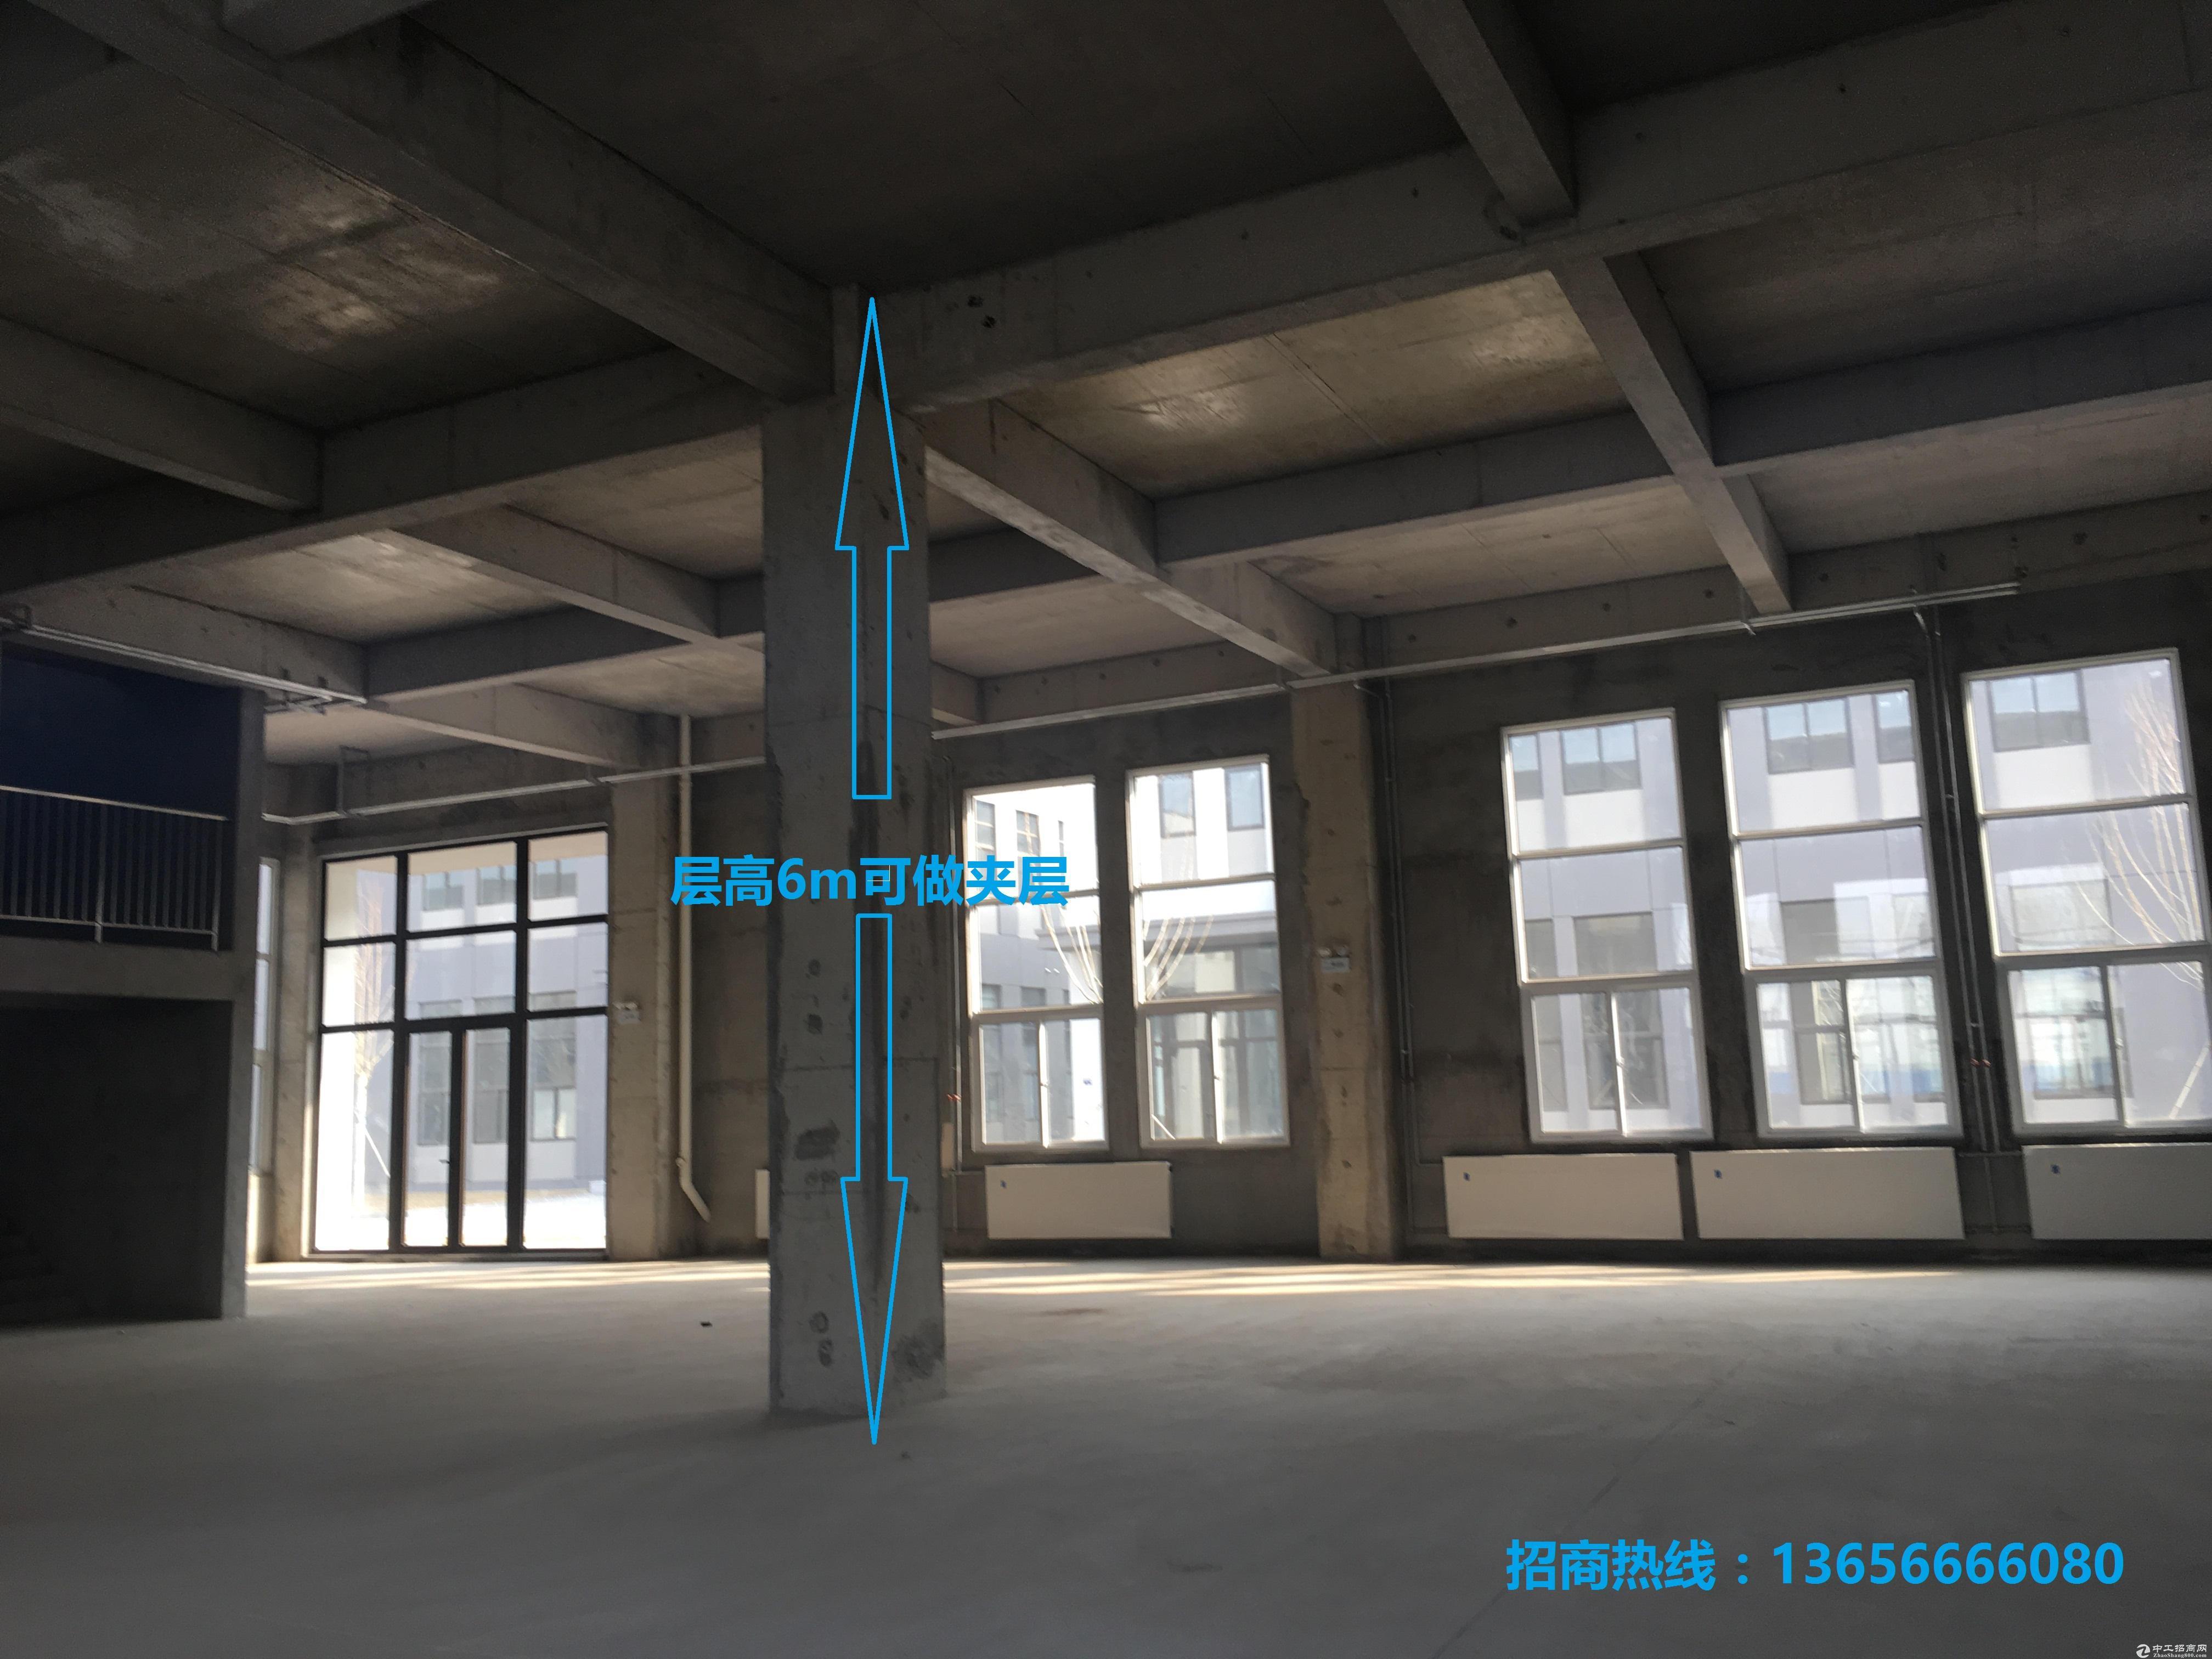 【有房本】天津医疗器械产业园标准厂房出售,有个人房本-图2